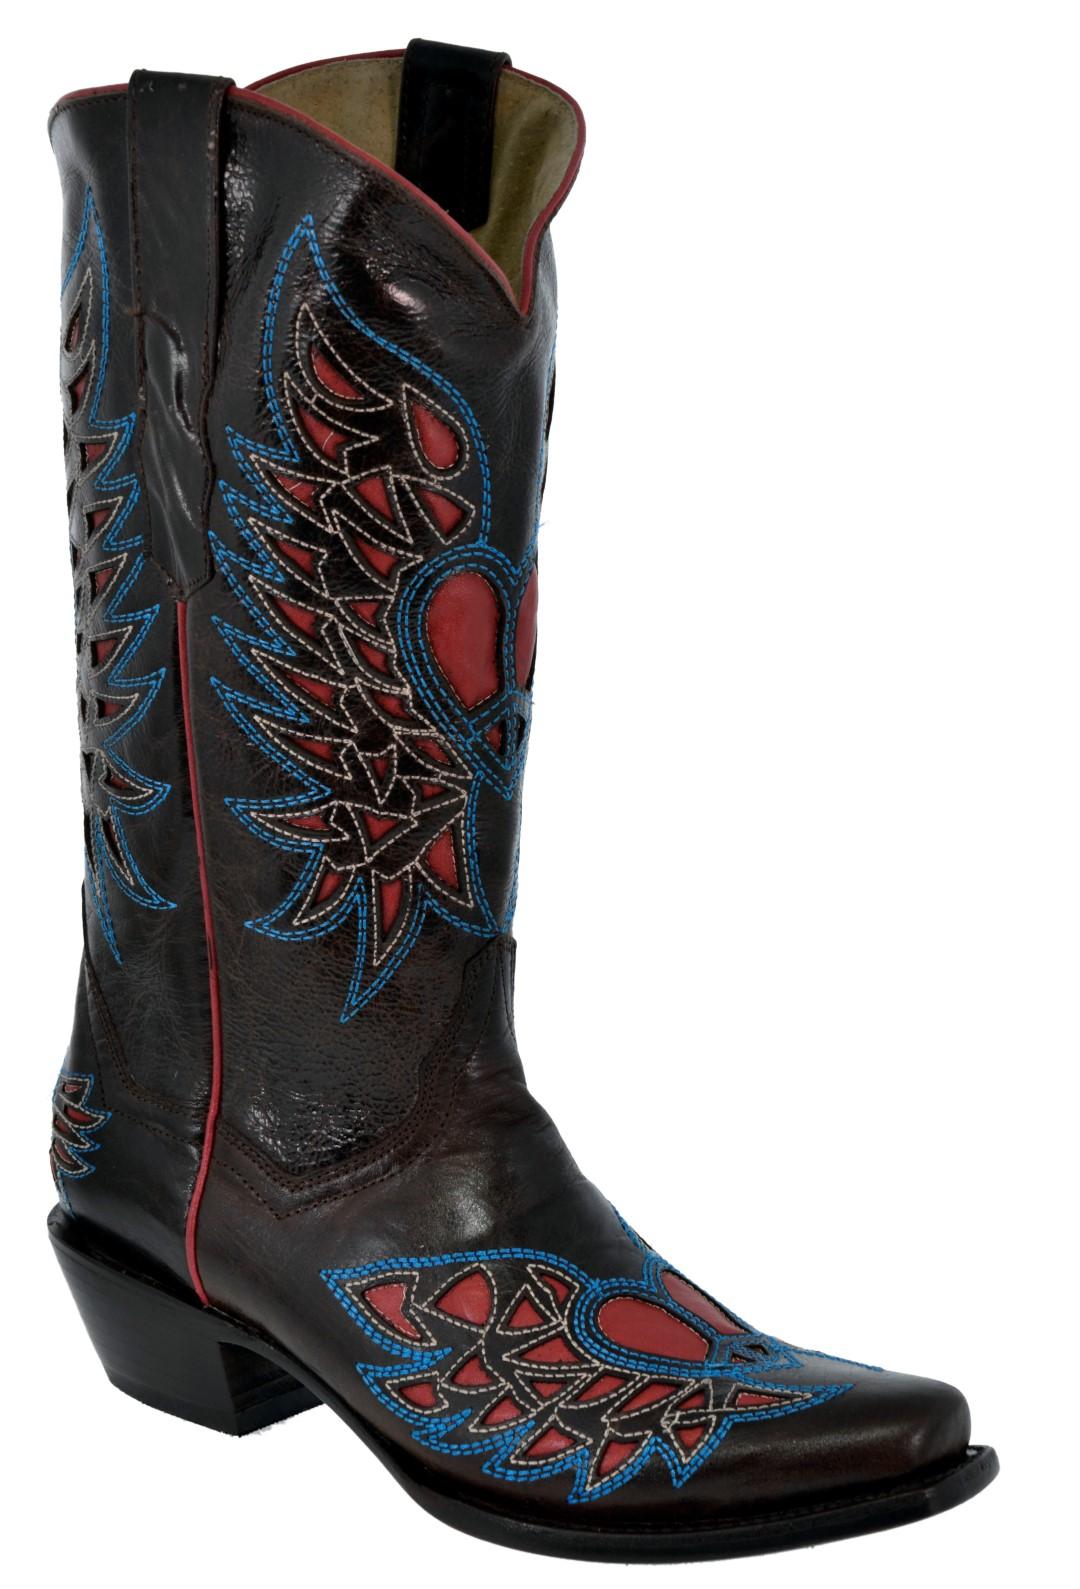 Mujeres de cuero diseño diseño cuero de superposición de Alas de Corazón envejecido botas de vaquero Dubai 9310b0